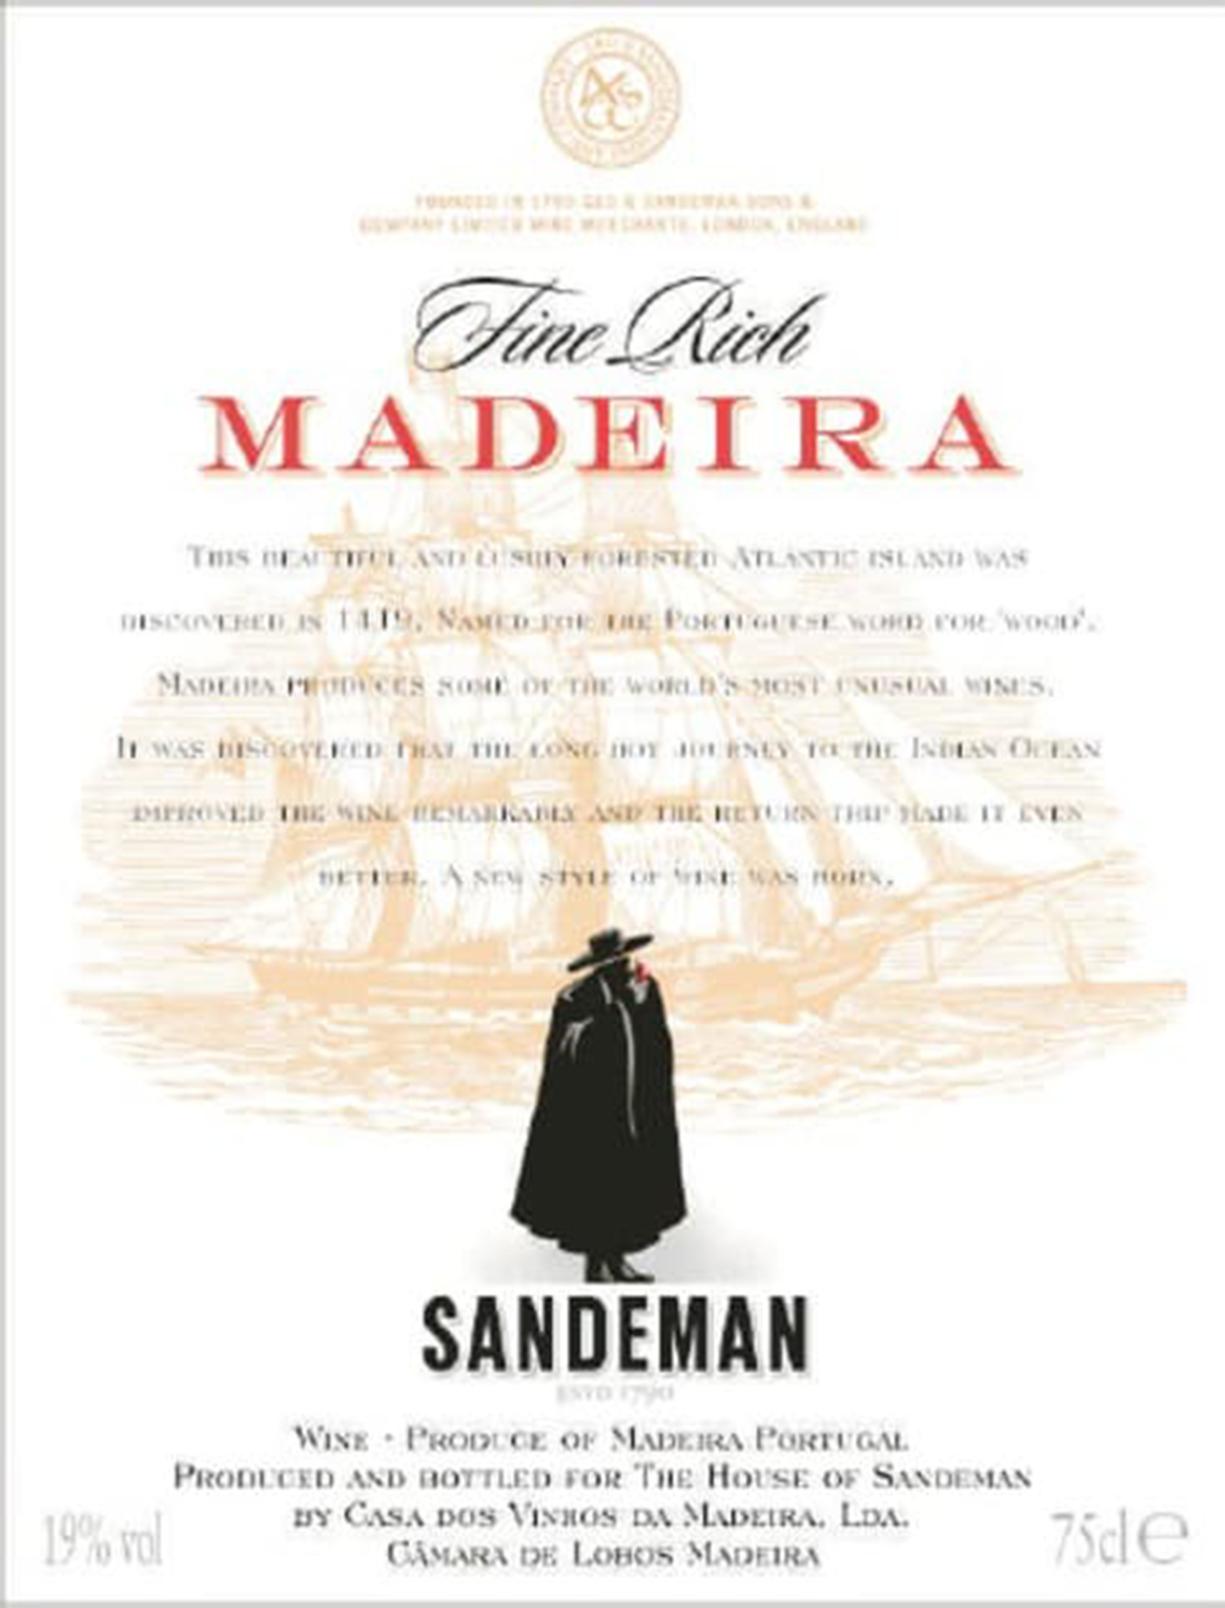 Sandeman Madeira Fine Rich